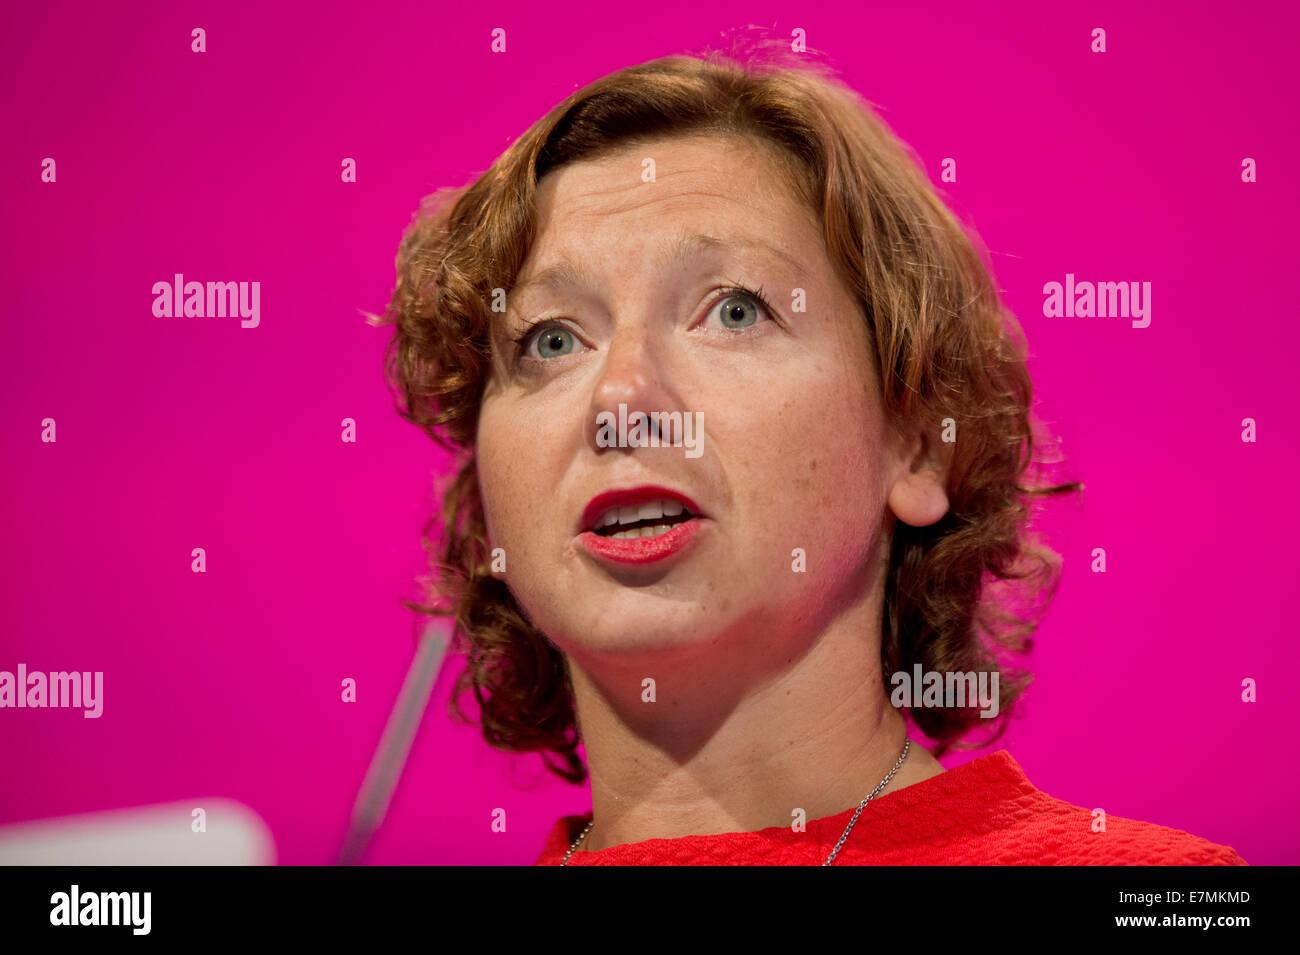 Manchester, UK. Sep 21, 2014. Mari Williams, du travail parlementaire du candidat pour Cardiff North, traite de Photo Stock